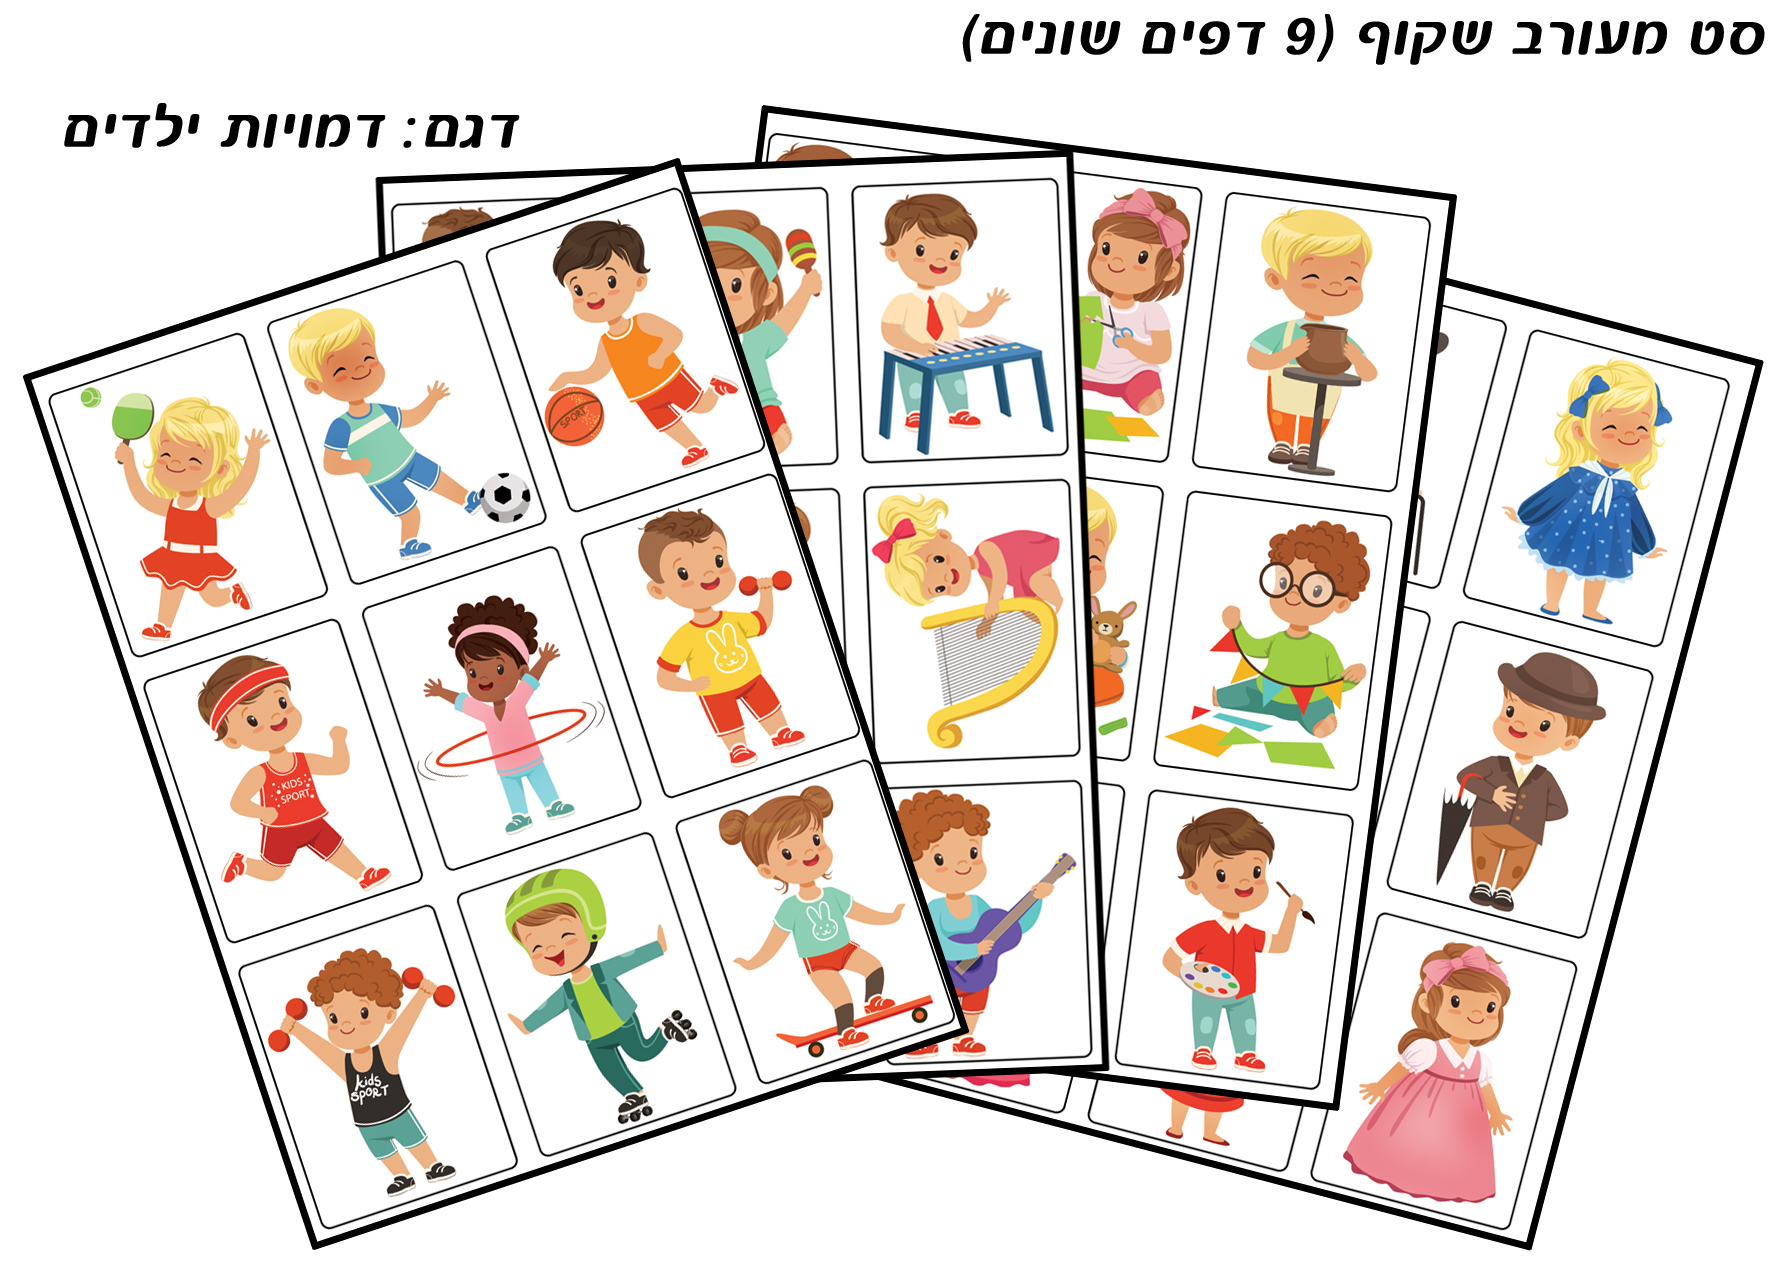 דמויות ילדים